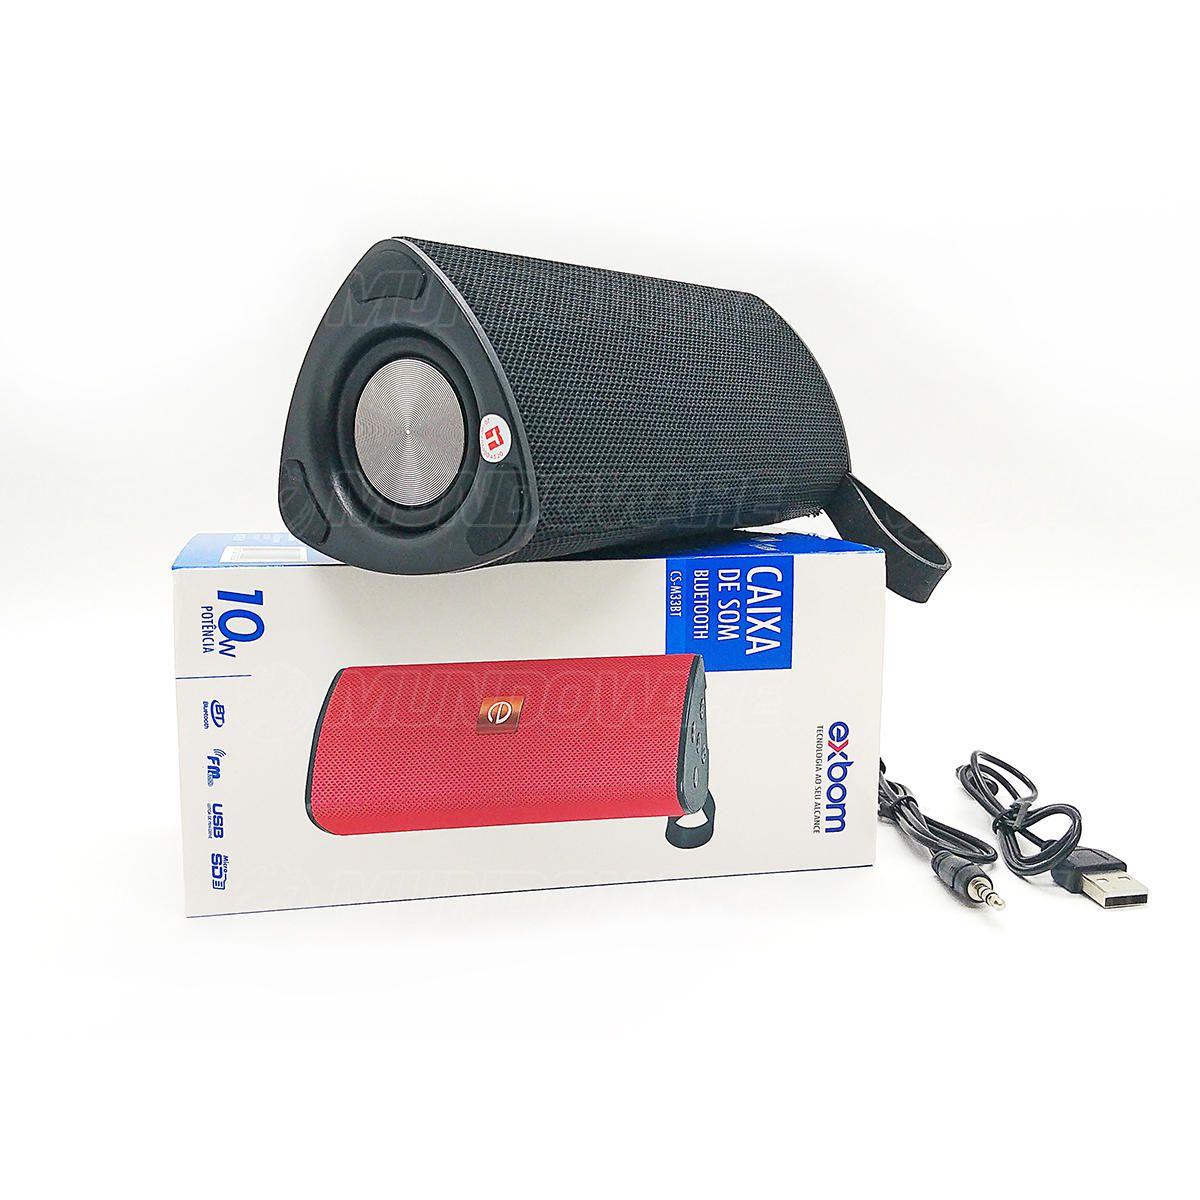 Caixa de Som Bluetooth 3.0 Portátil 10W Entrada USB Micro SD Auxiliar P2 Mic Hands Free Exbom CS-M33BT Preta